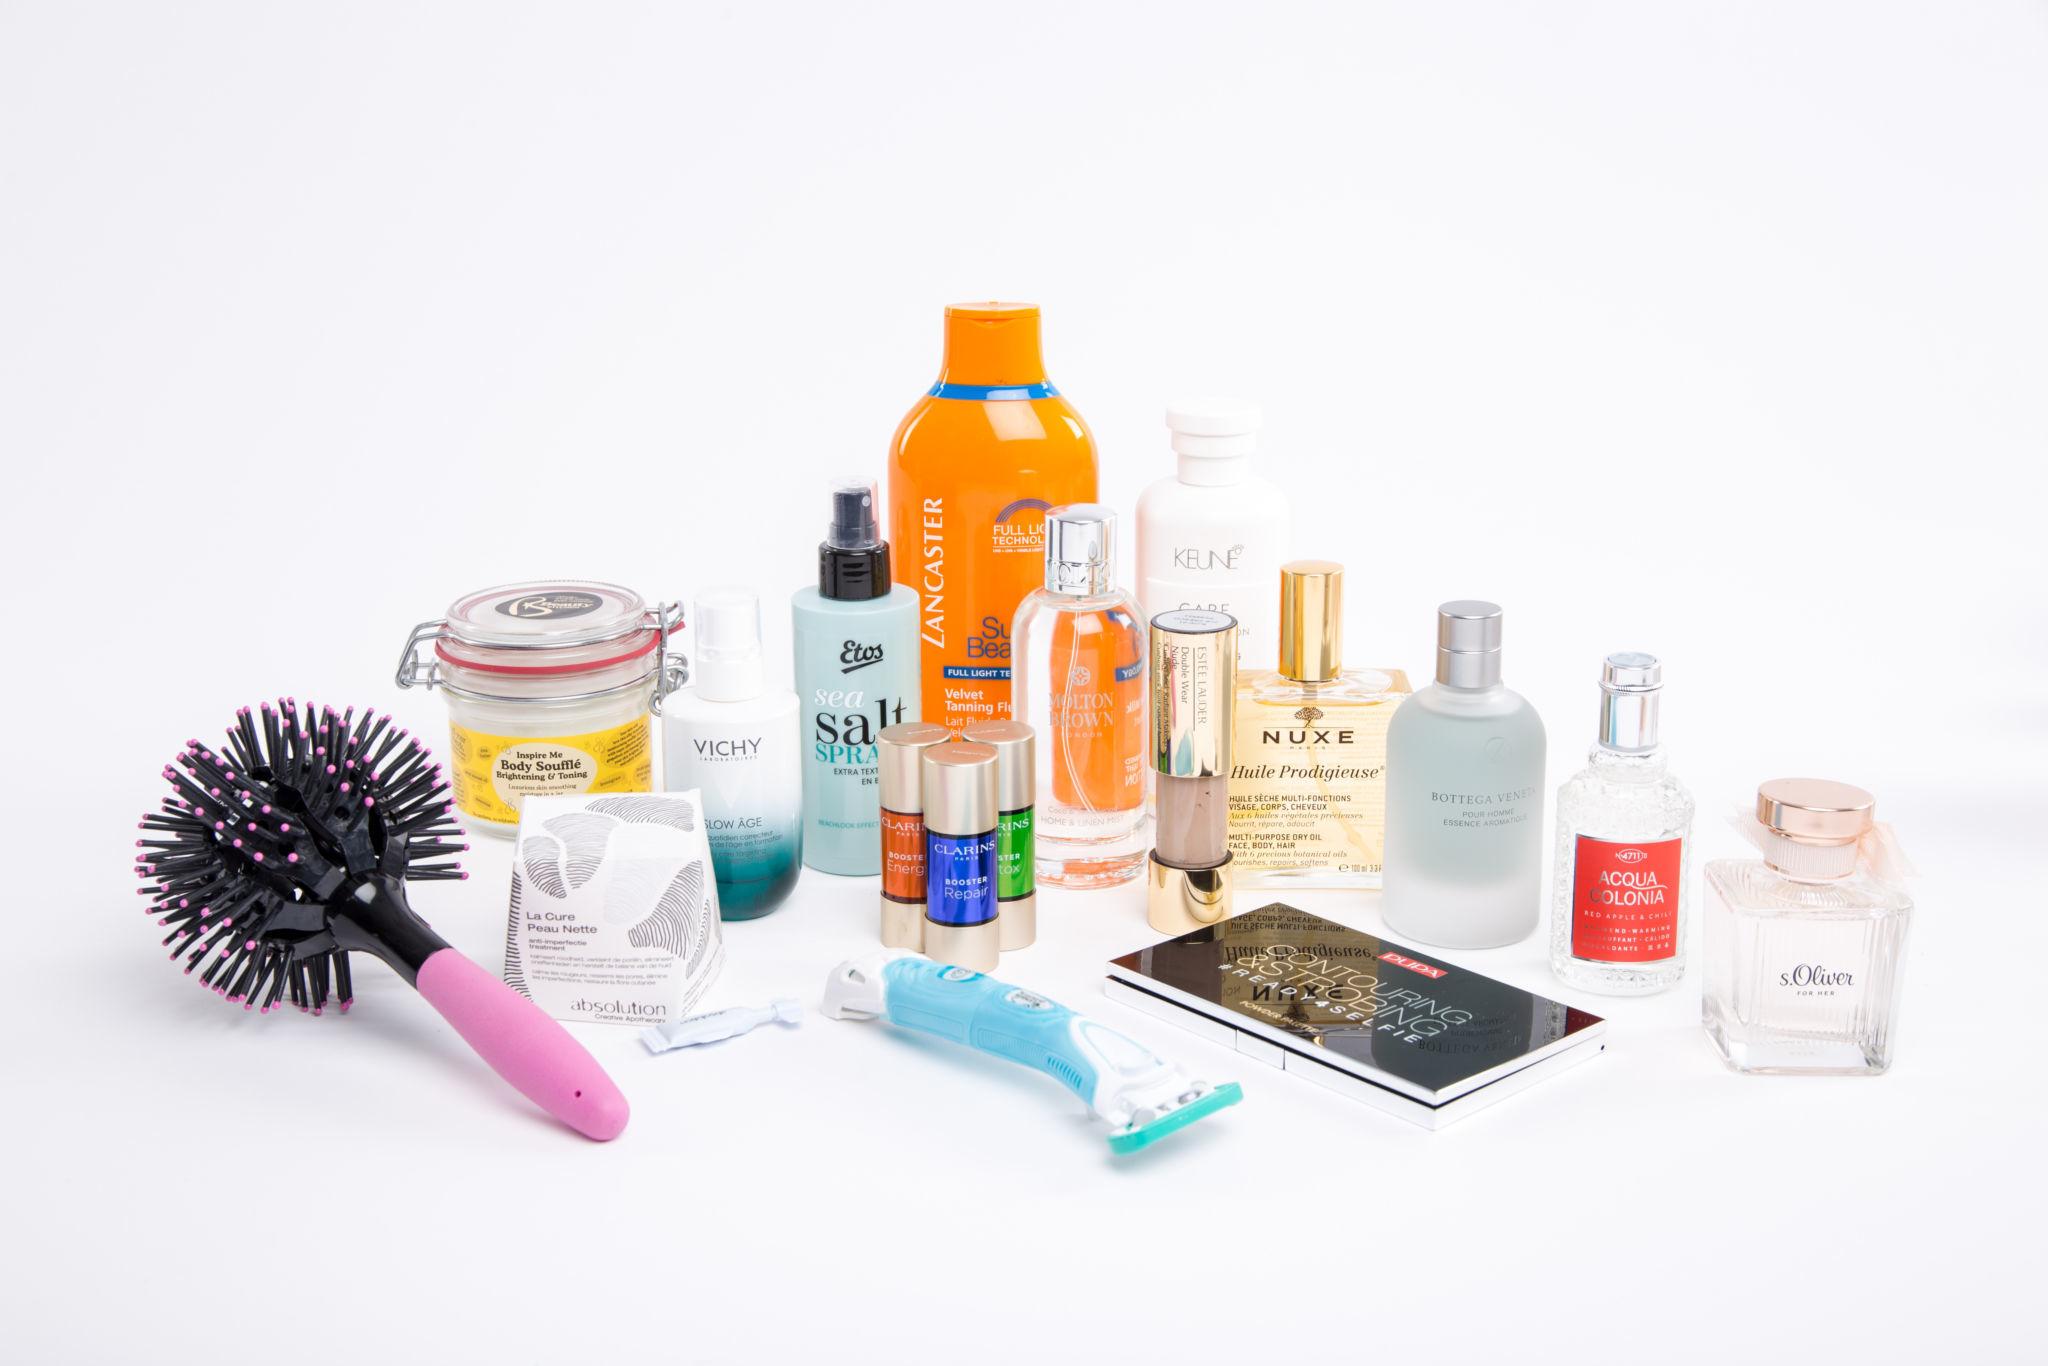 Winnaars Beauty Astirs 2017 categorie Exclusief